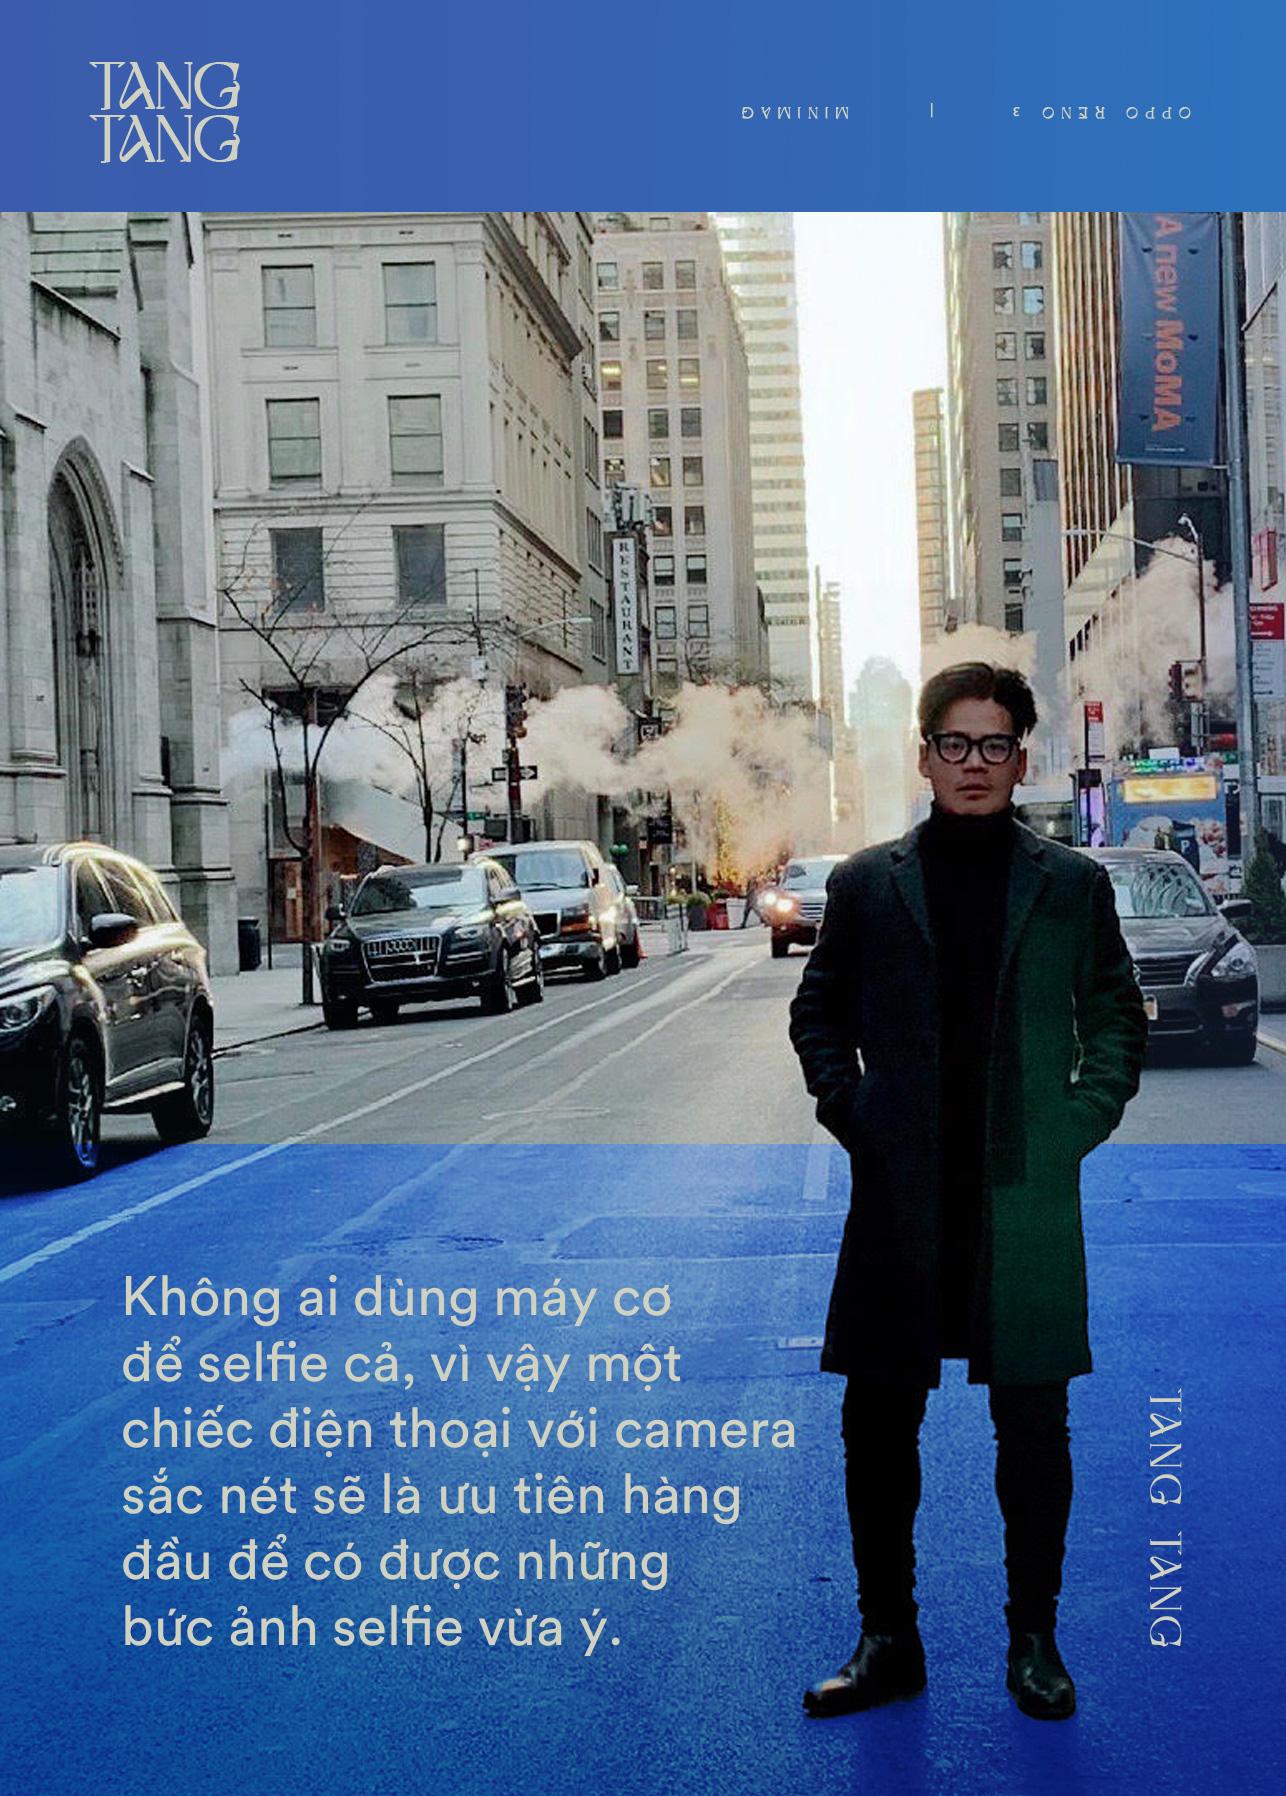 Đi tìm chiều sâu trong từng bức ảnh cùng nhiếp ảnh gia Tang Tang - Ảnh 4.